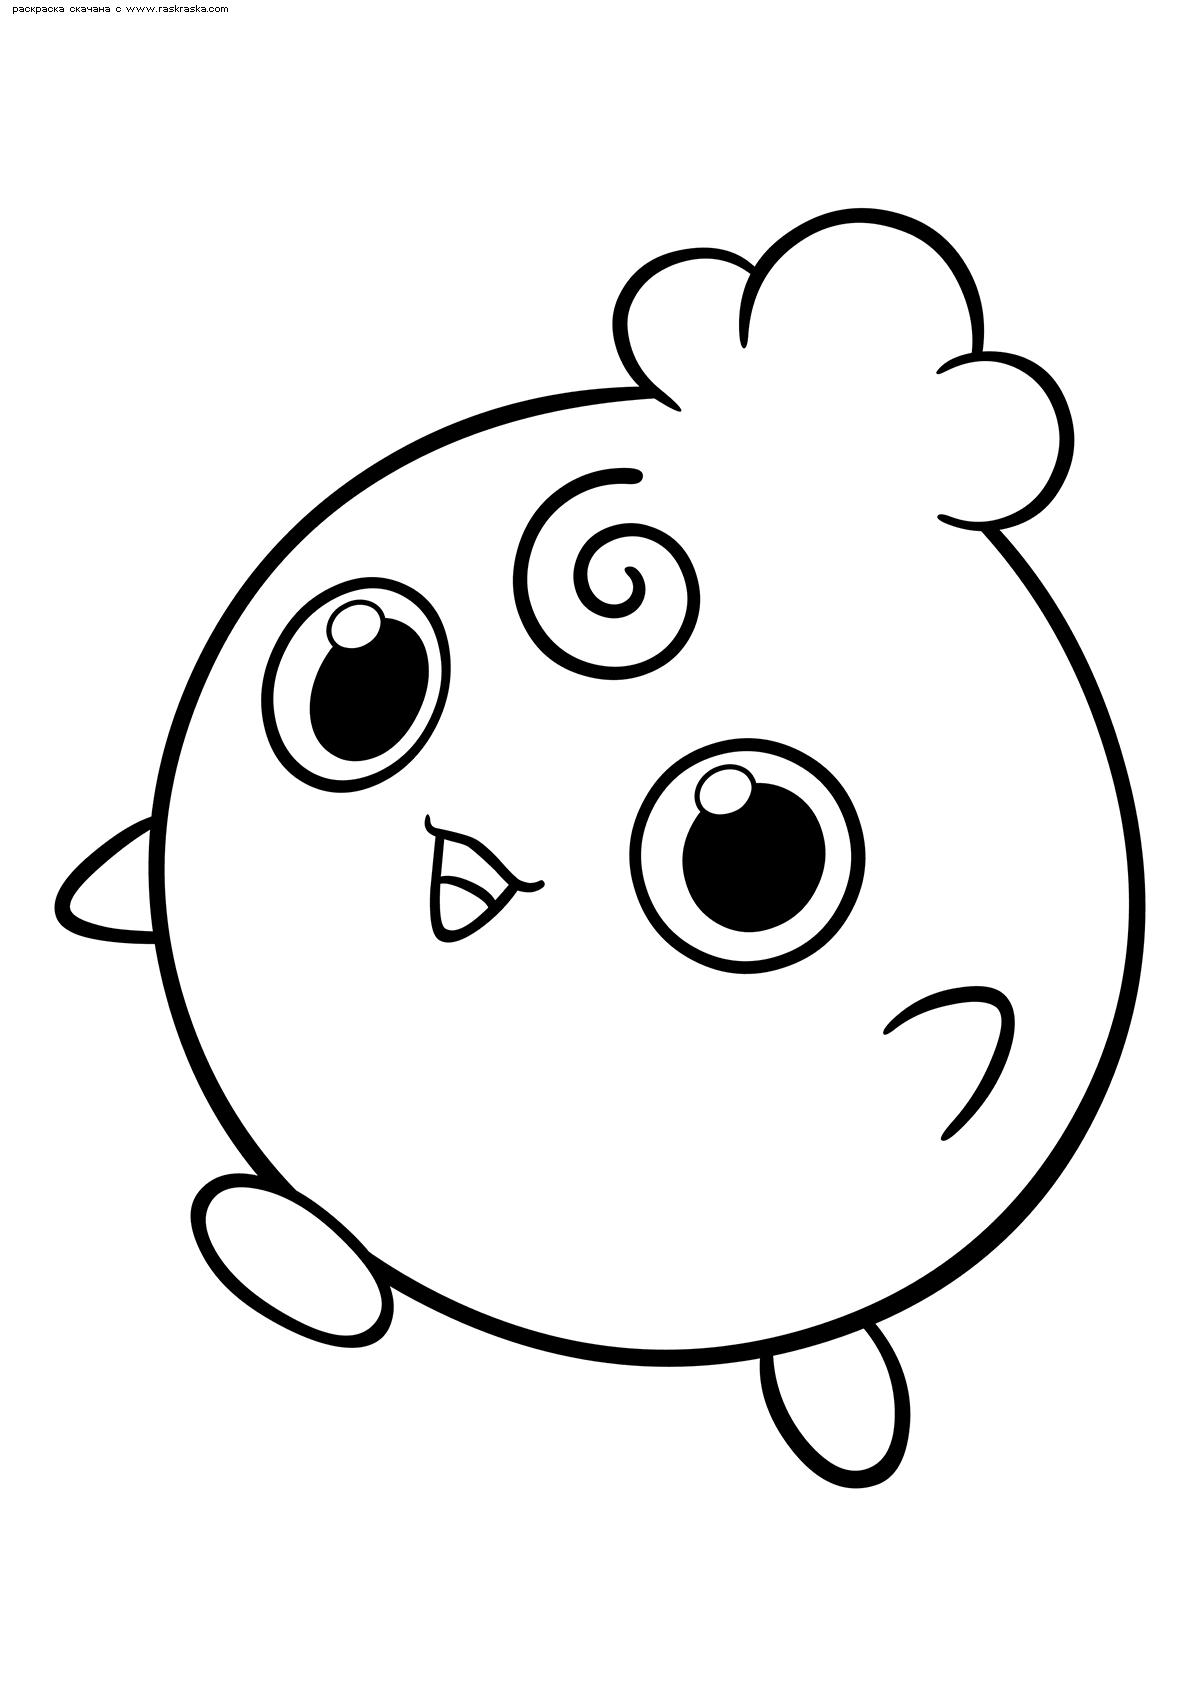 Раскраска Покемон Игглибафф (Igglybuff) | Раскраски ...